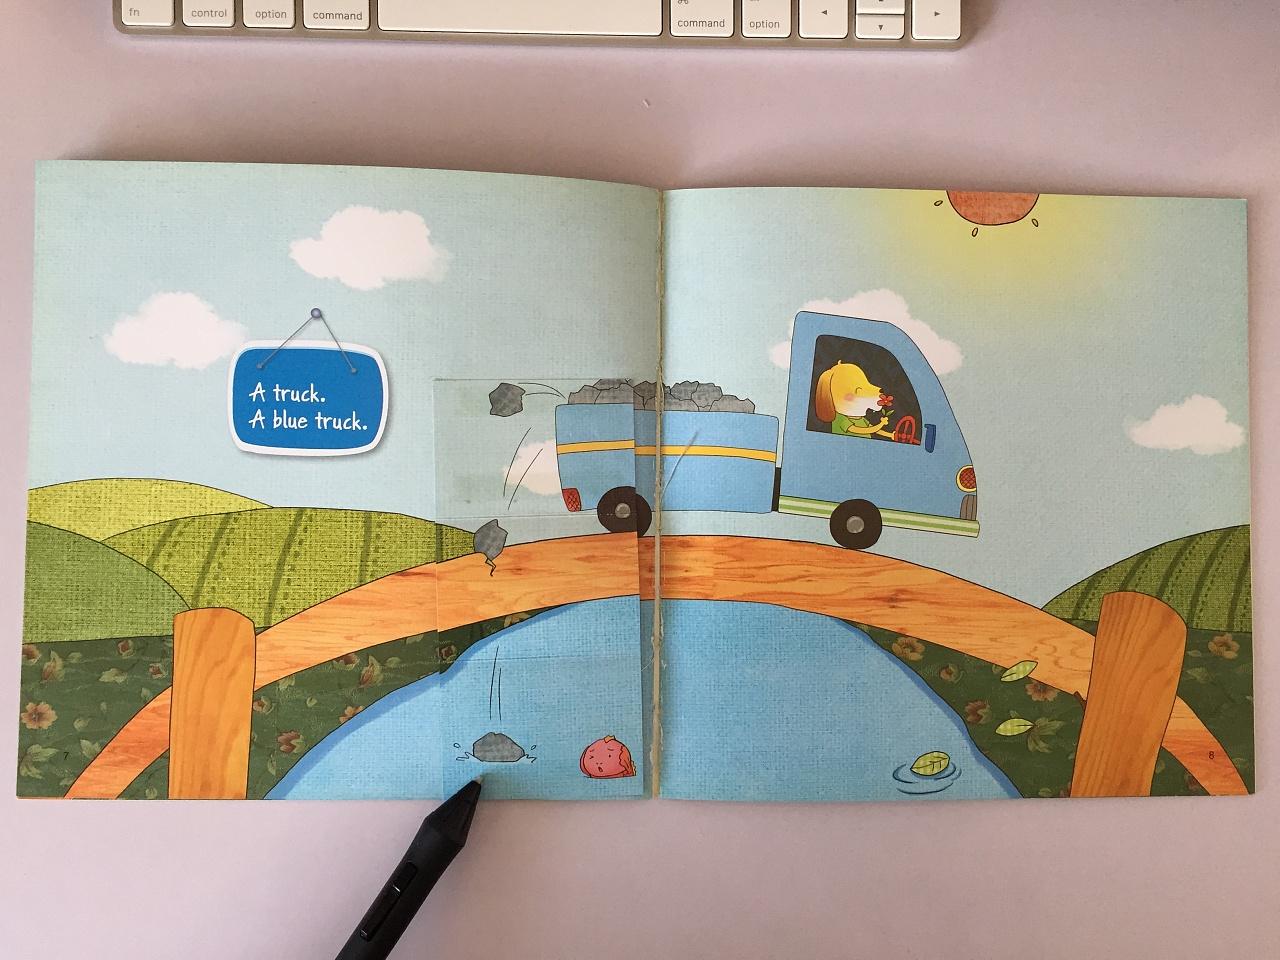 小羊过桥卡通图片